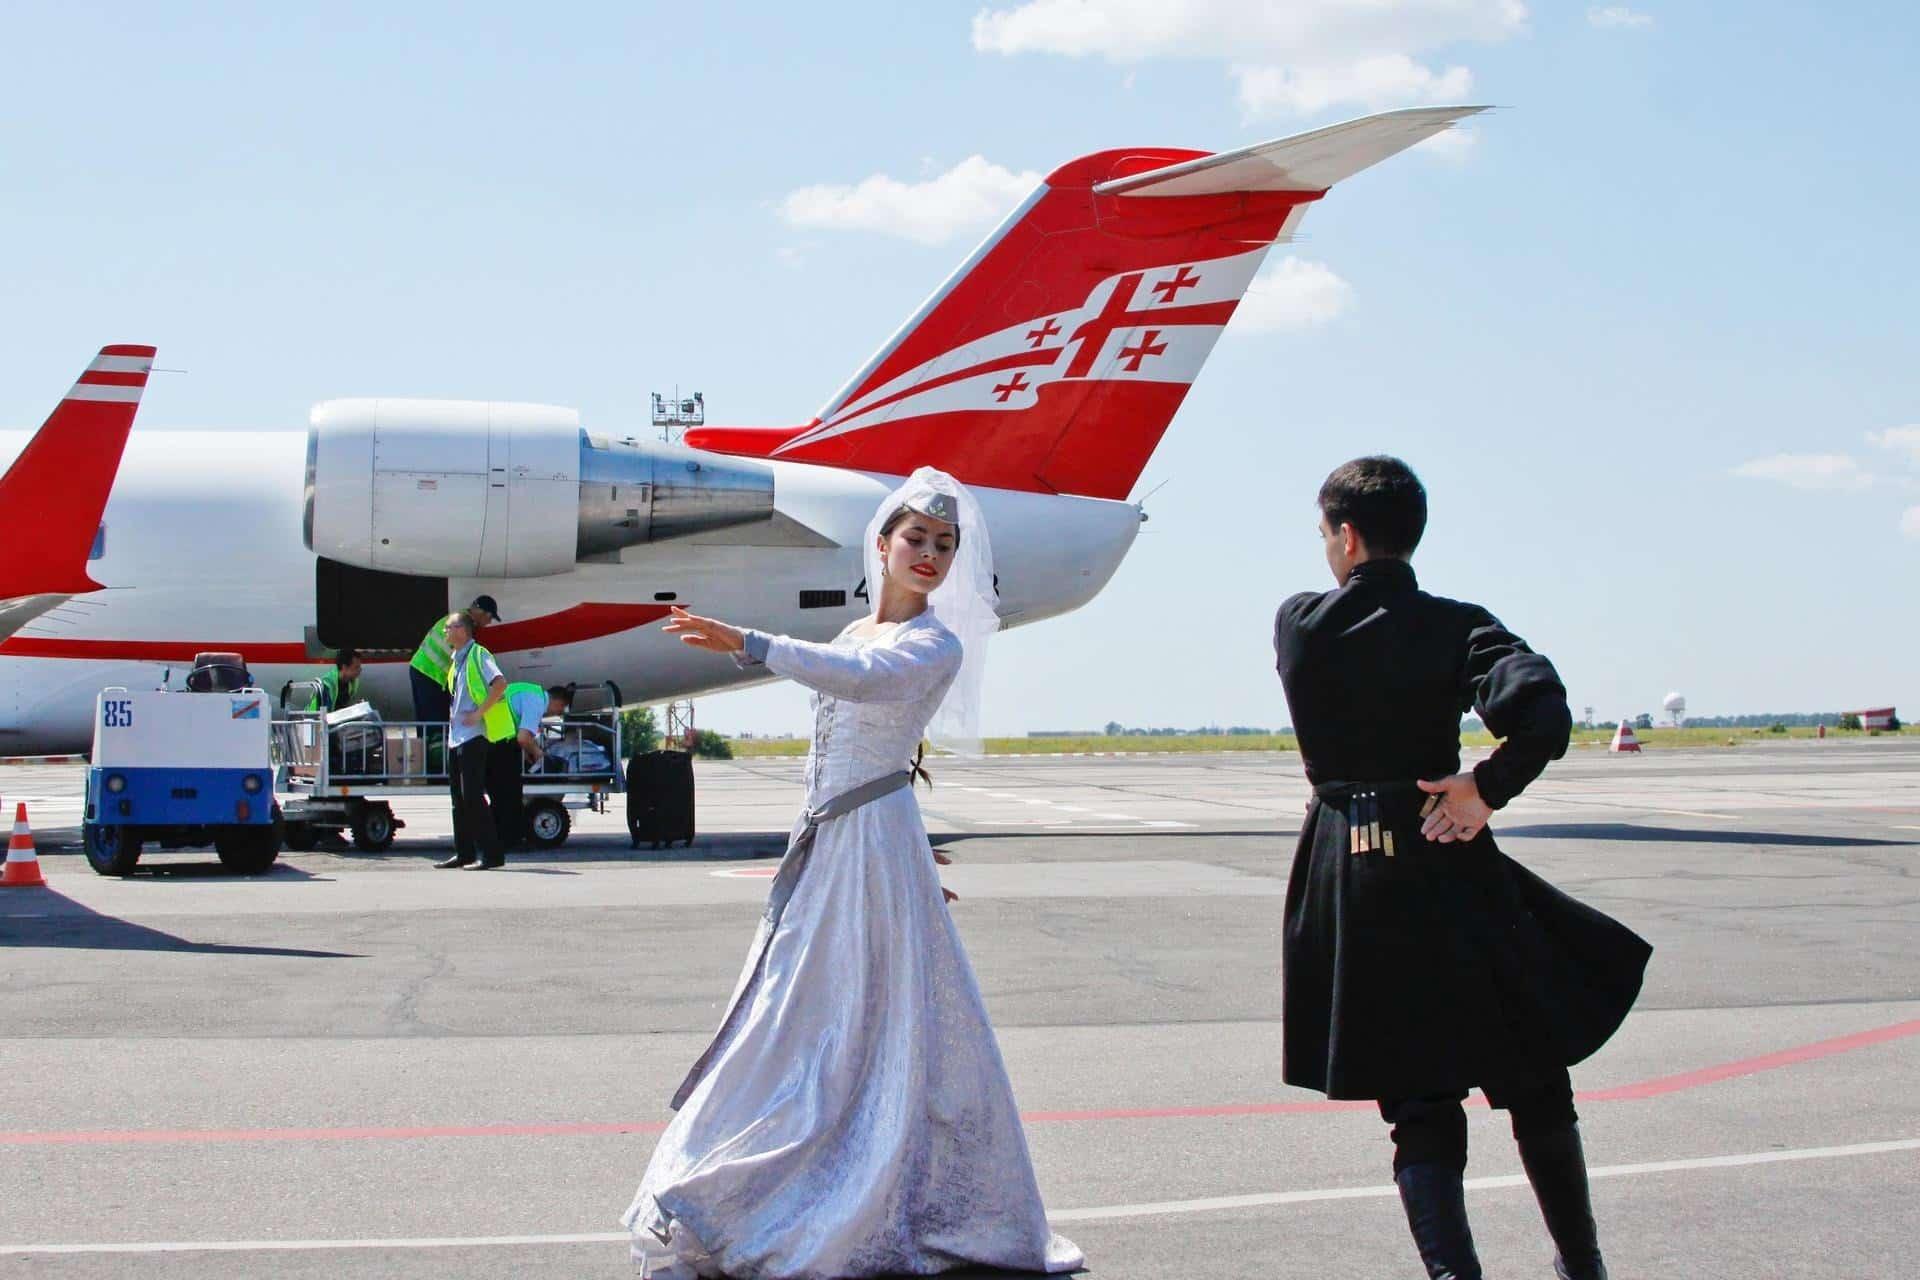 Авиасообщение с Грузией для туристов в 2019 году: когда откроют, последние новости